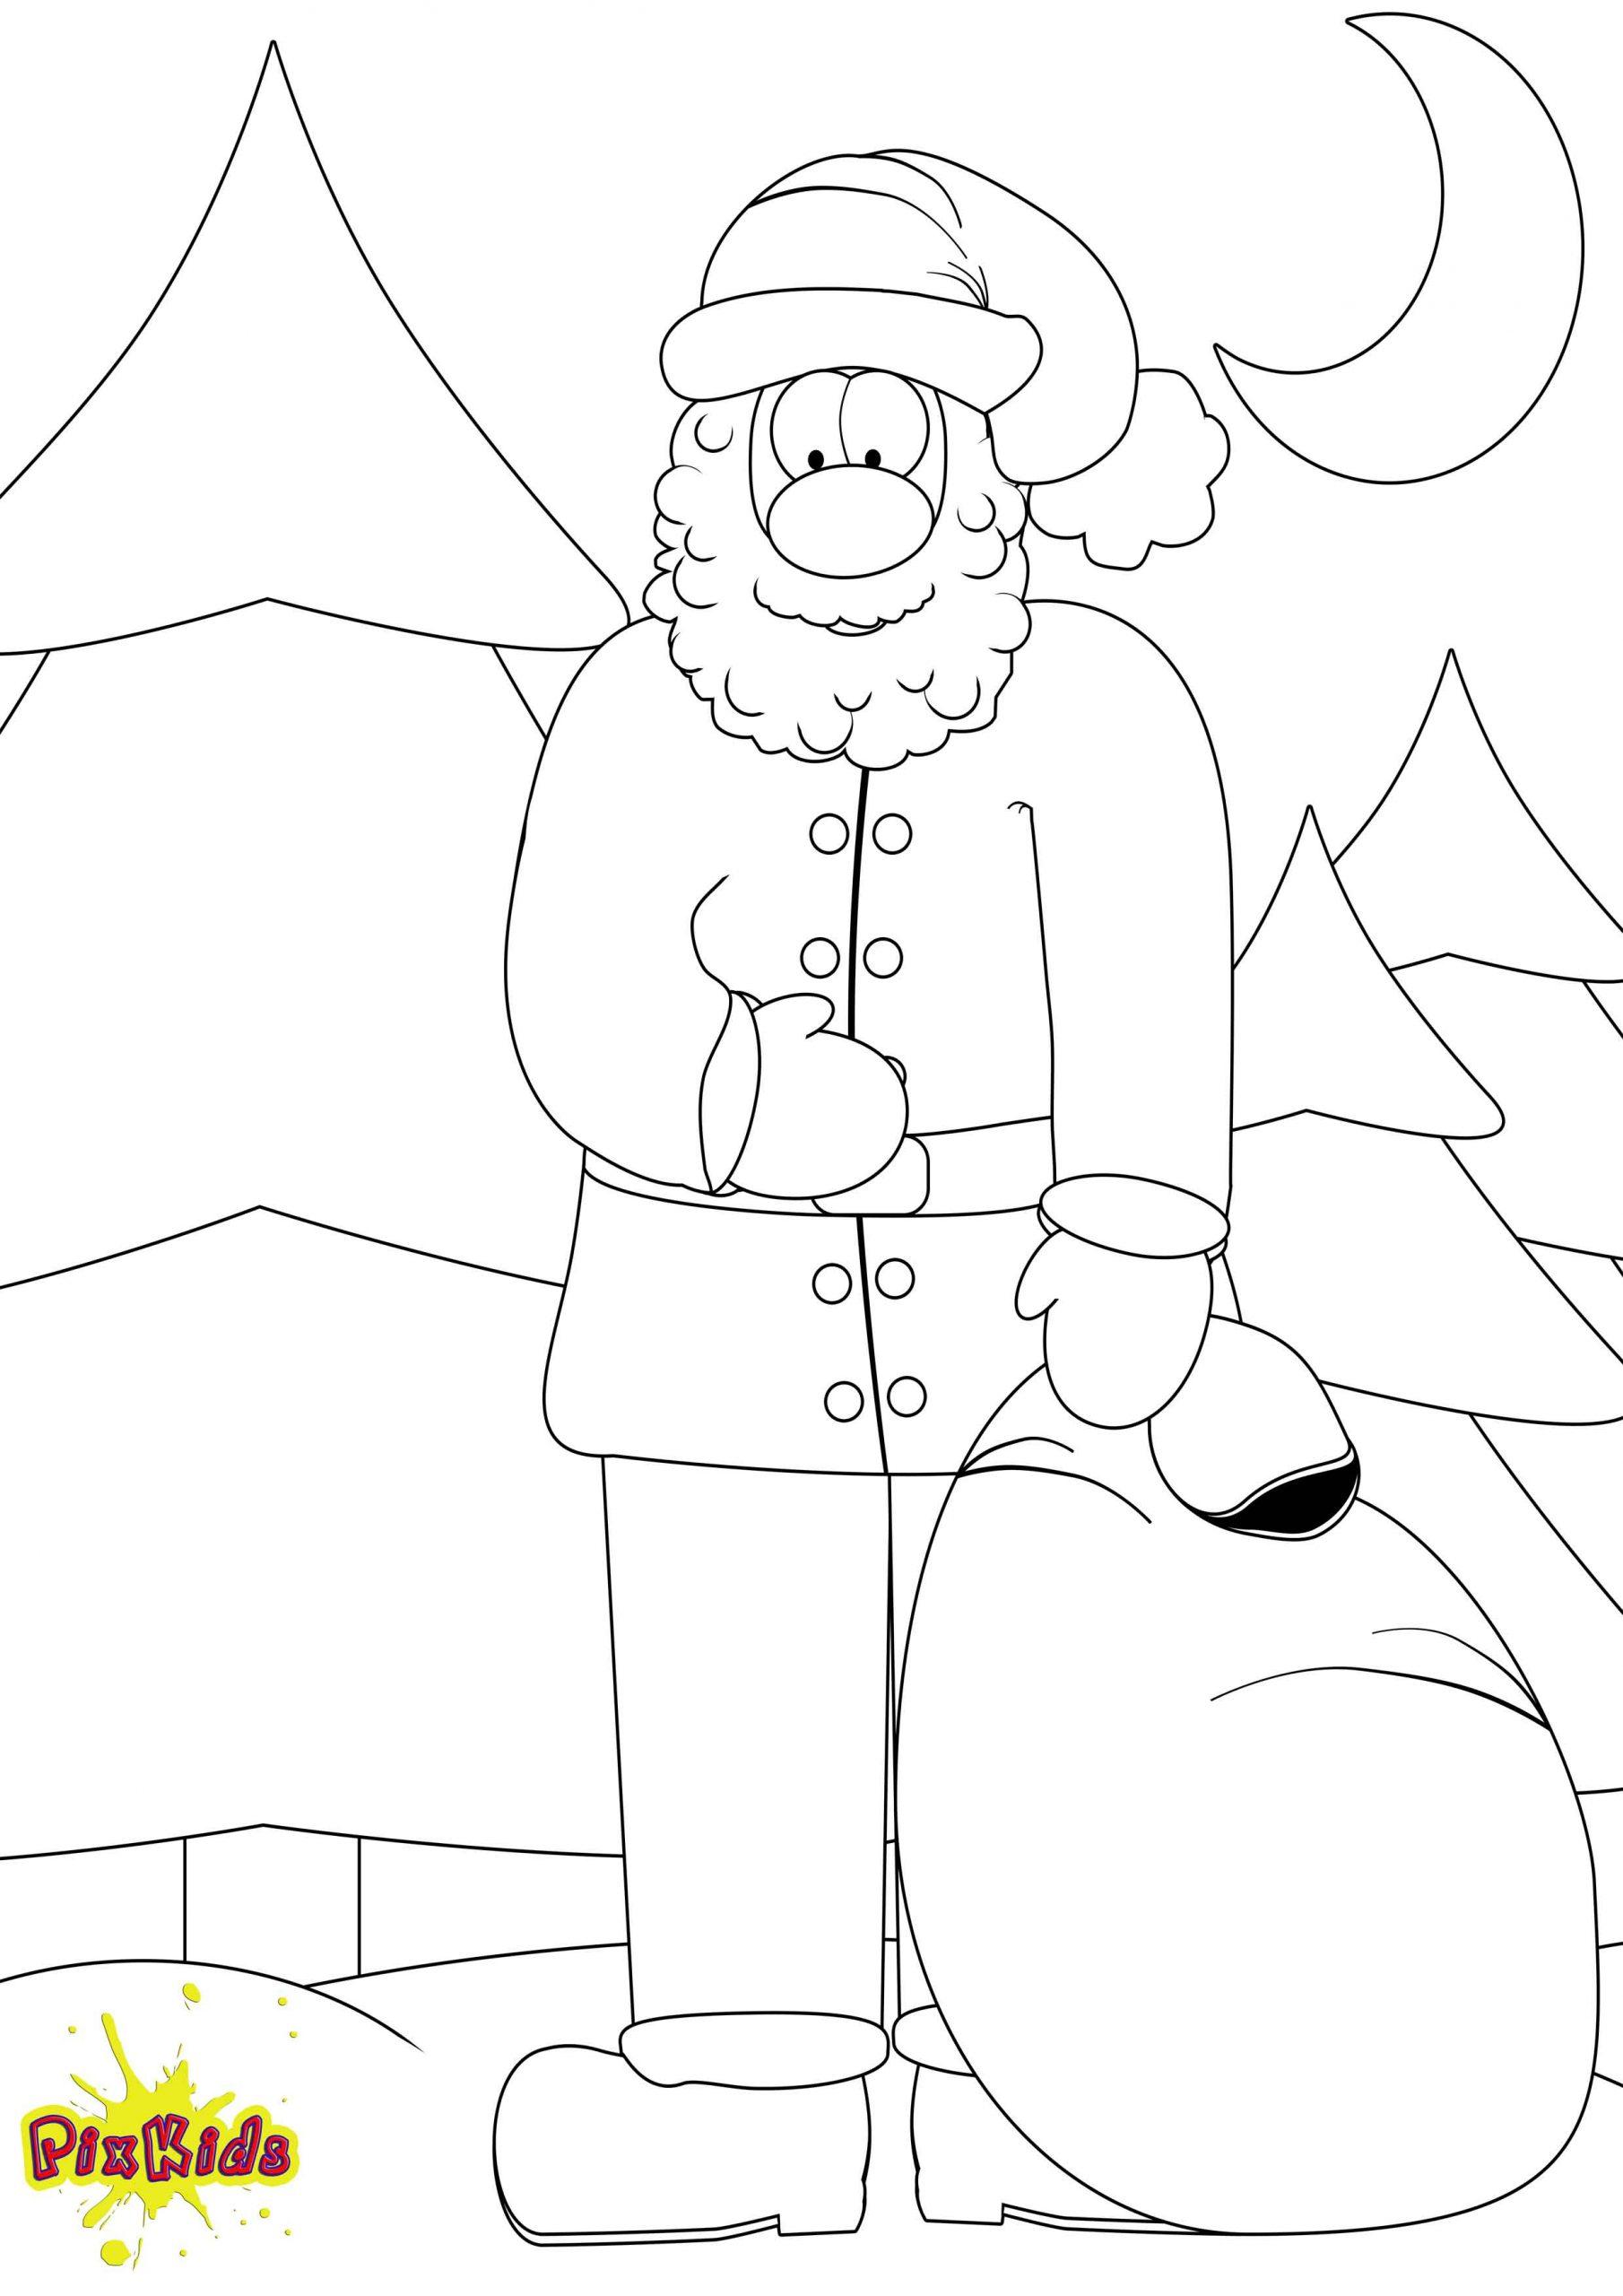 Ausmalbild Weihnachtsmann - Kostenlose Malvorlage für Ausmalbilder Weihnachtsmann Mit Schlitten